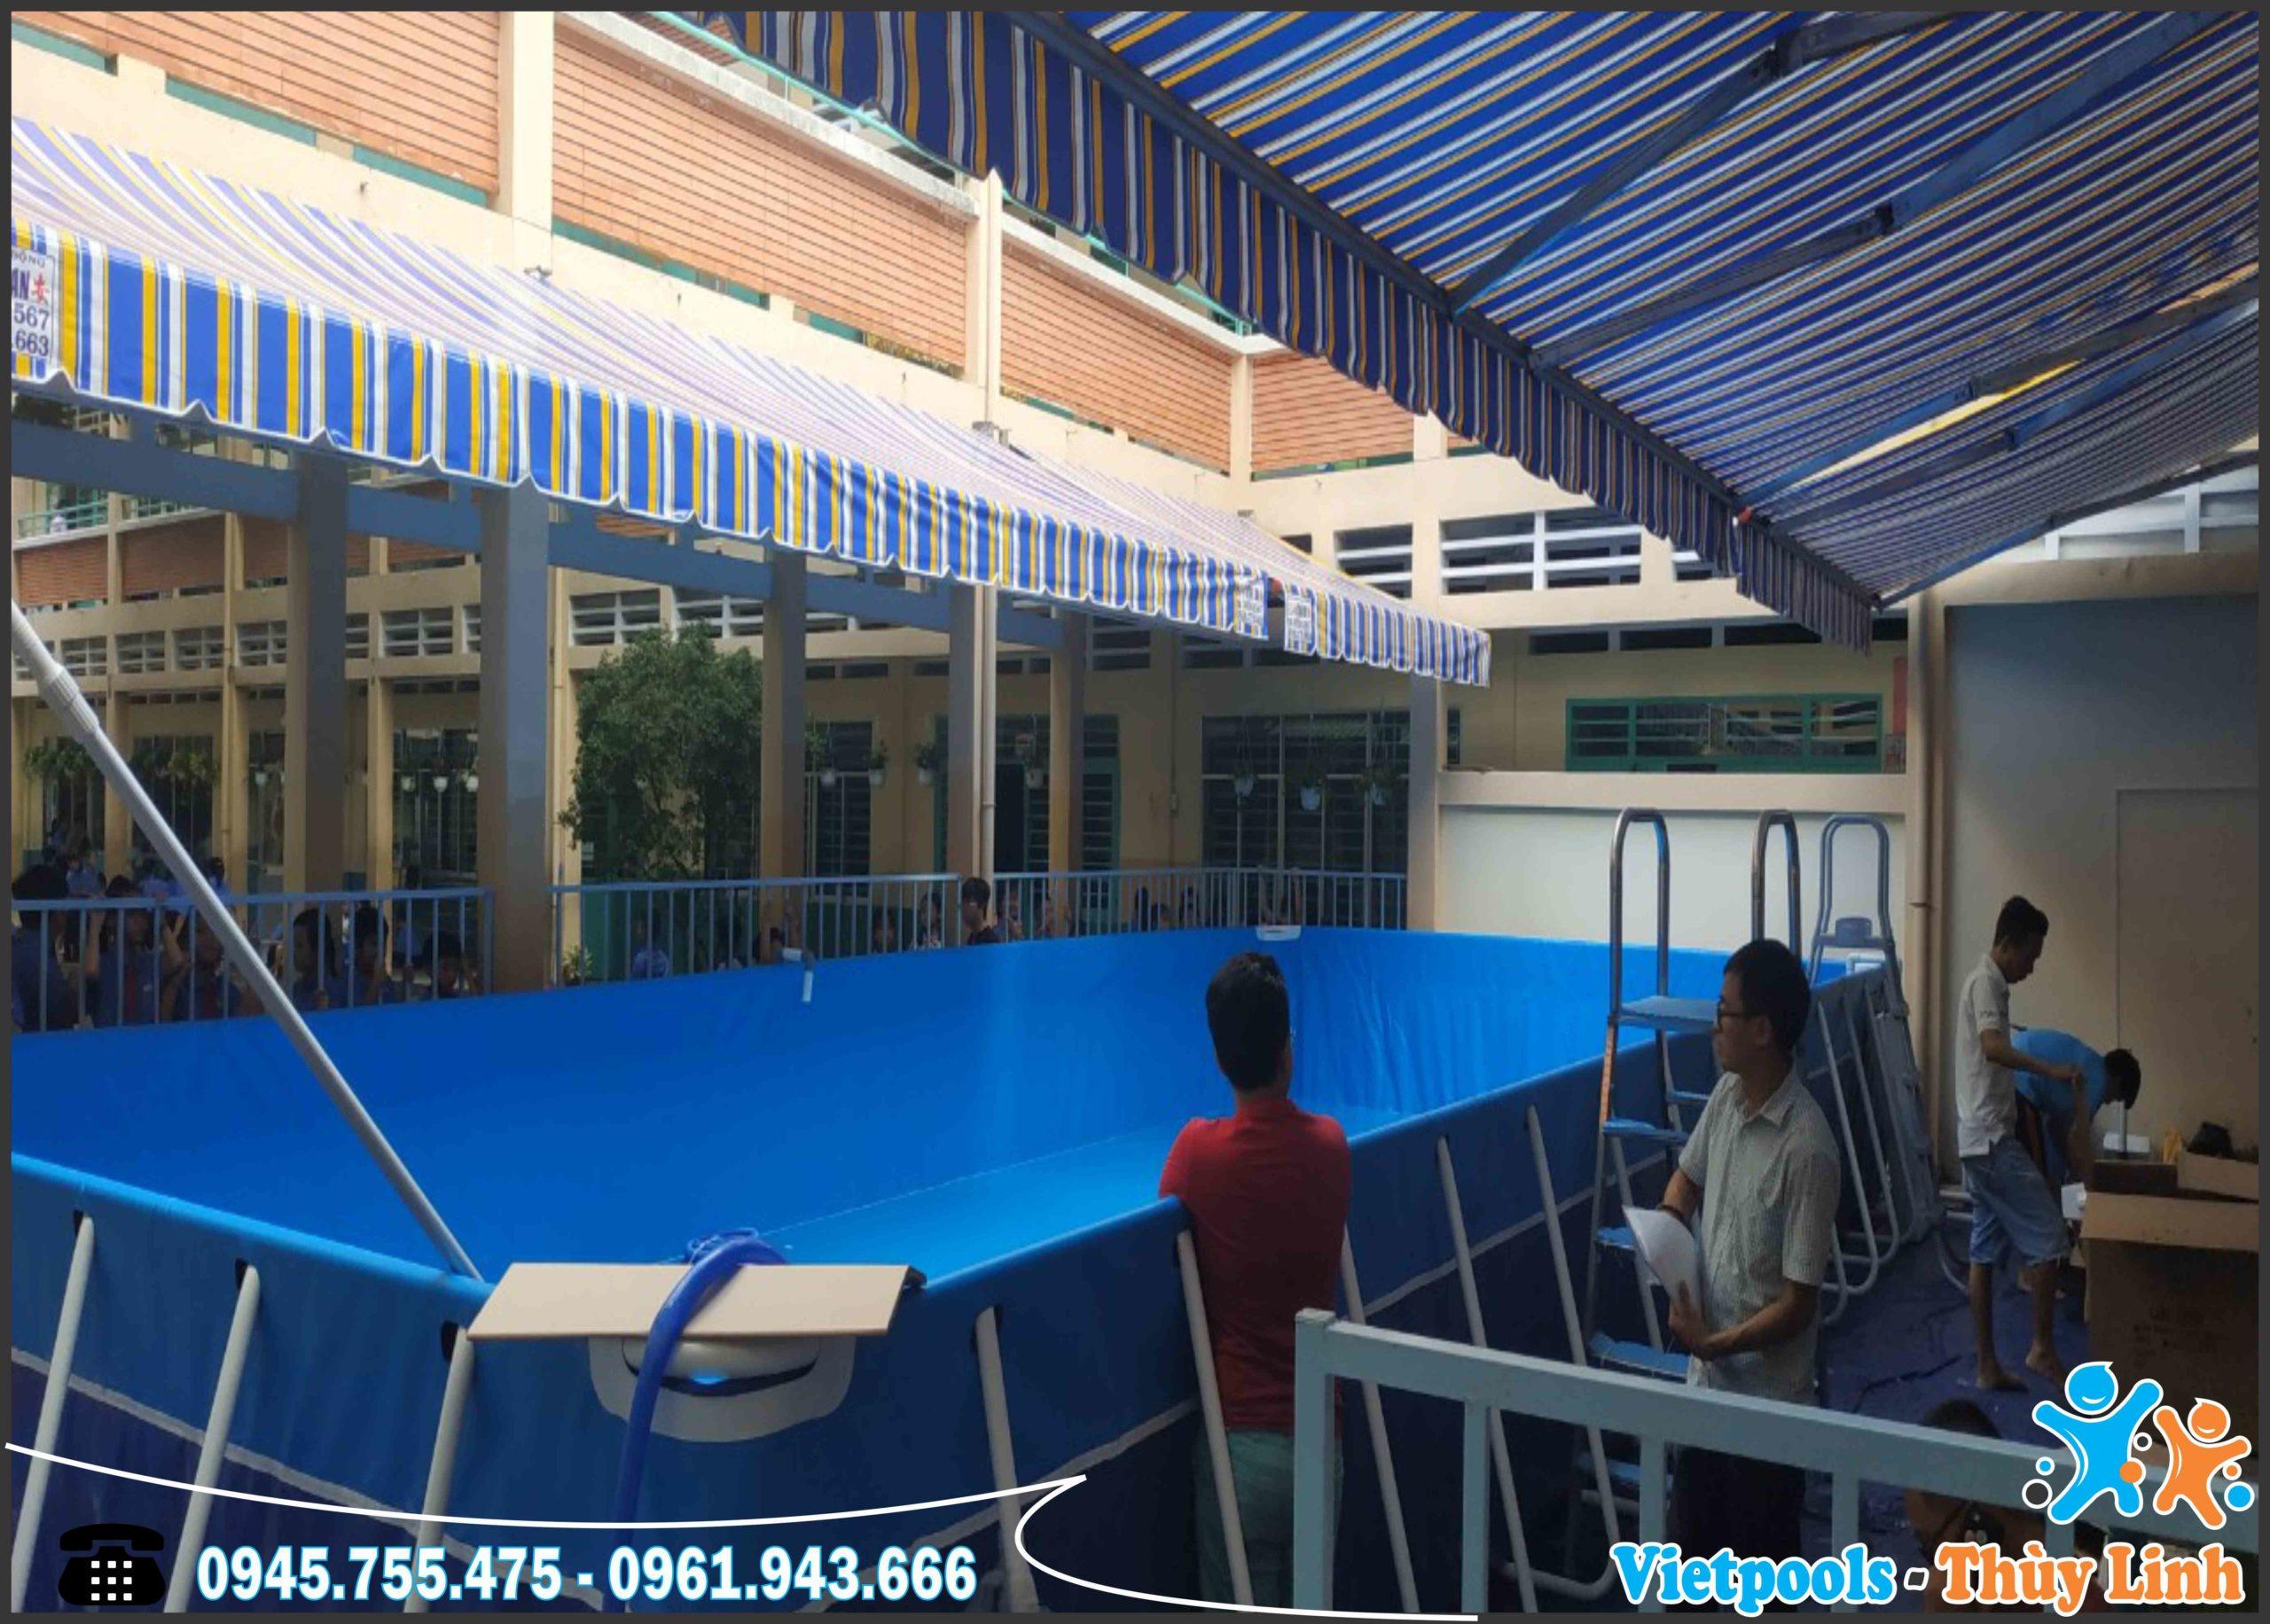 Bể Bơi Di Động Kết Hợp Nhà Hơi Trượt Nước Tại Bình Thuận - 2020 14